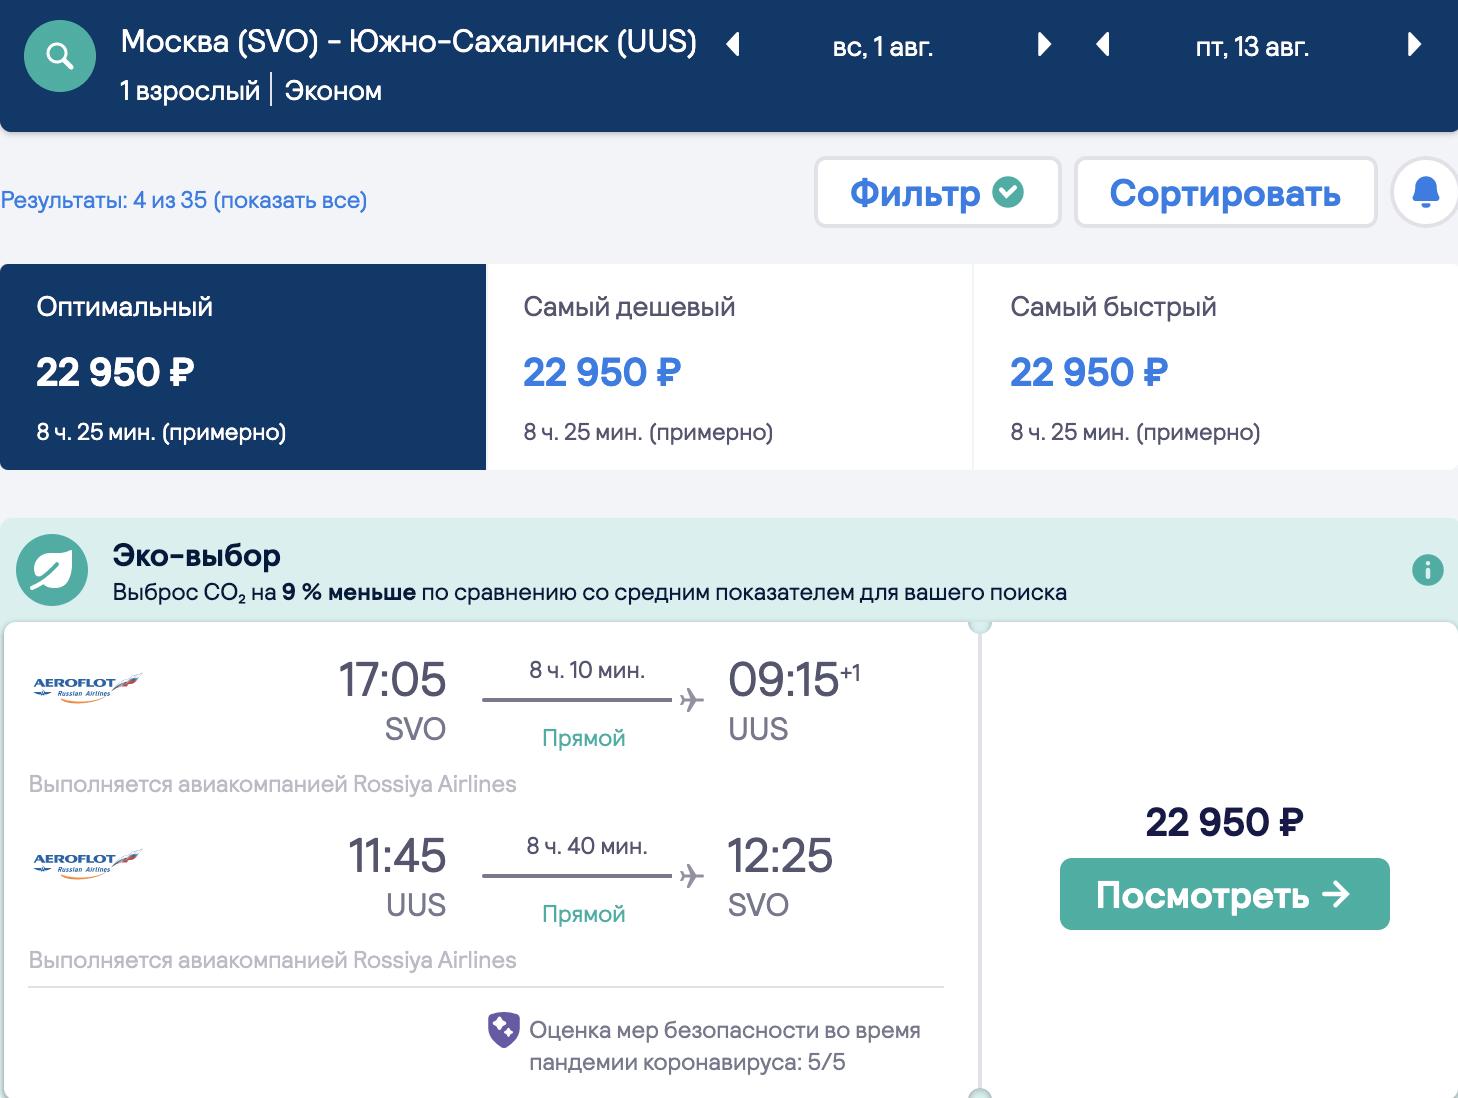 Аэрофлотом из Москвы на Дальний Восток ЛЕТОМ: Сахалин, Камчатка, Владивосток, Хабаровск за 22950₽ туда-обратно